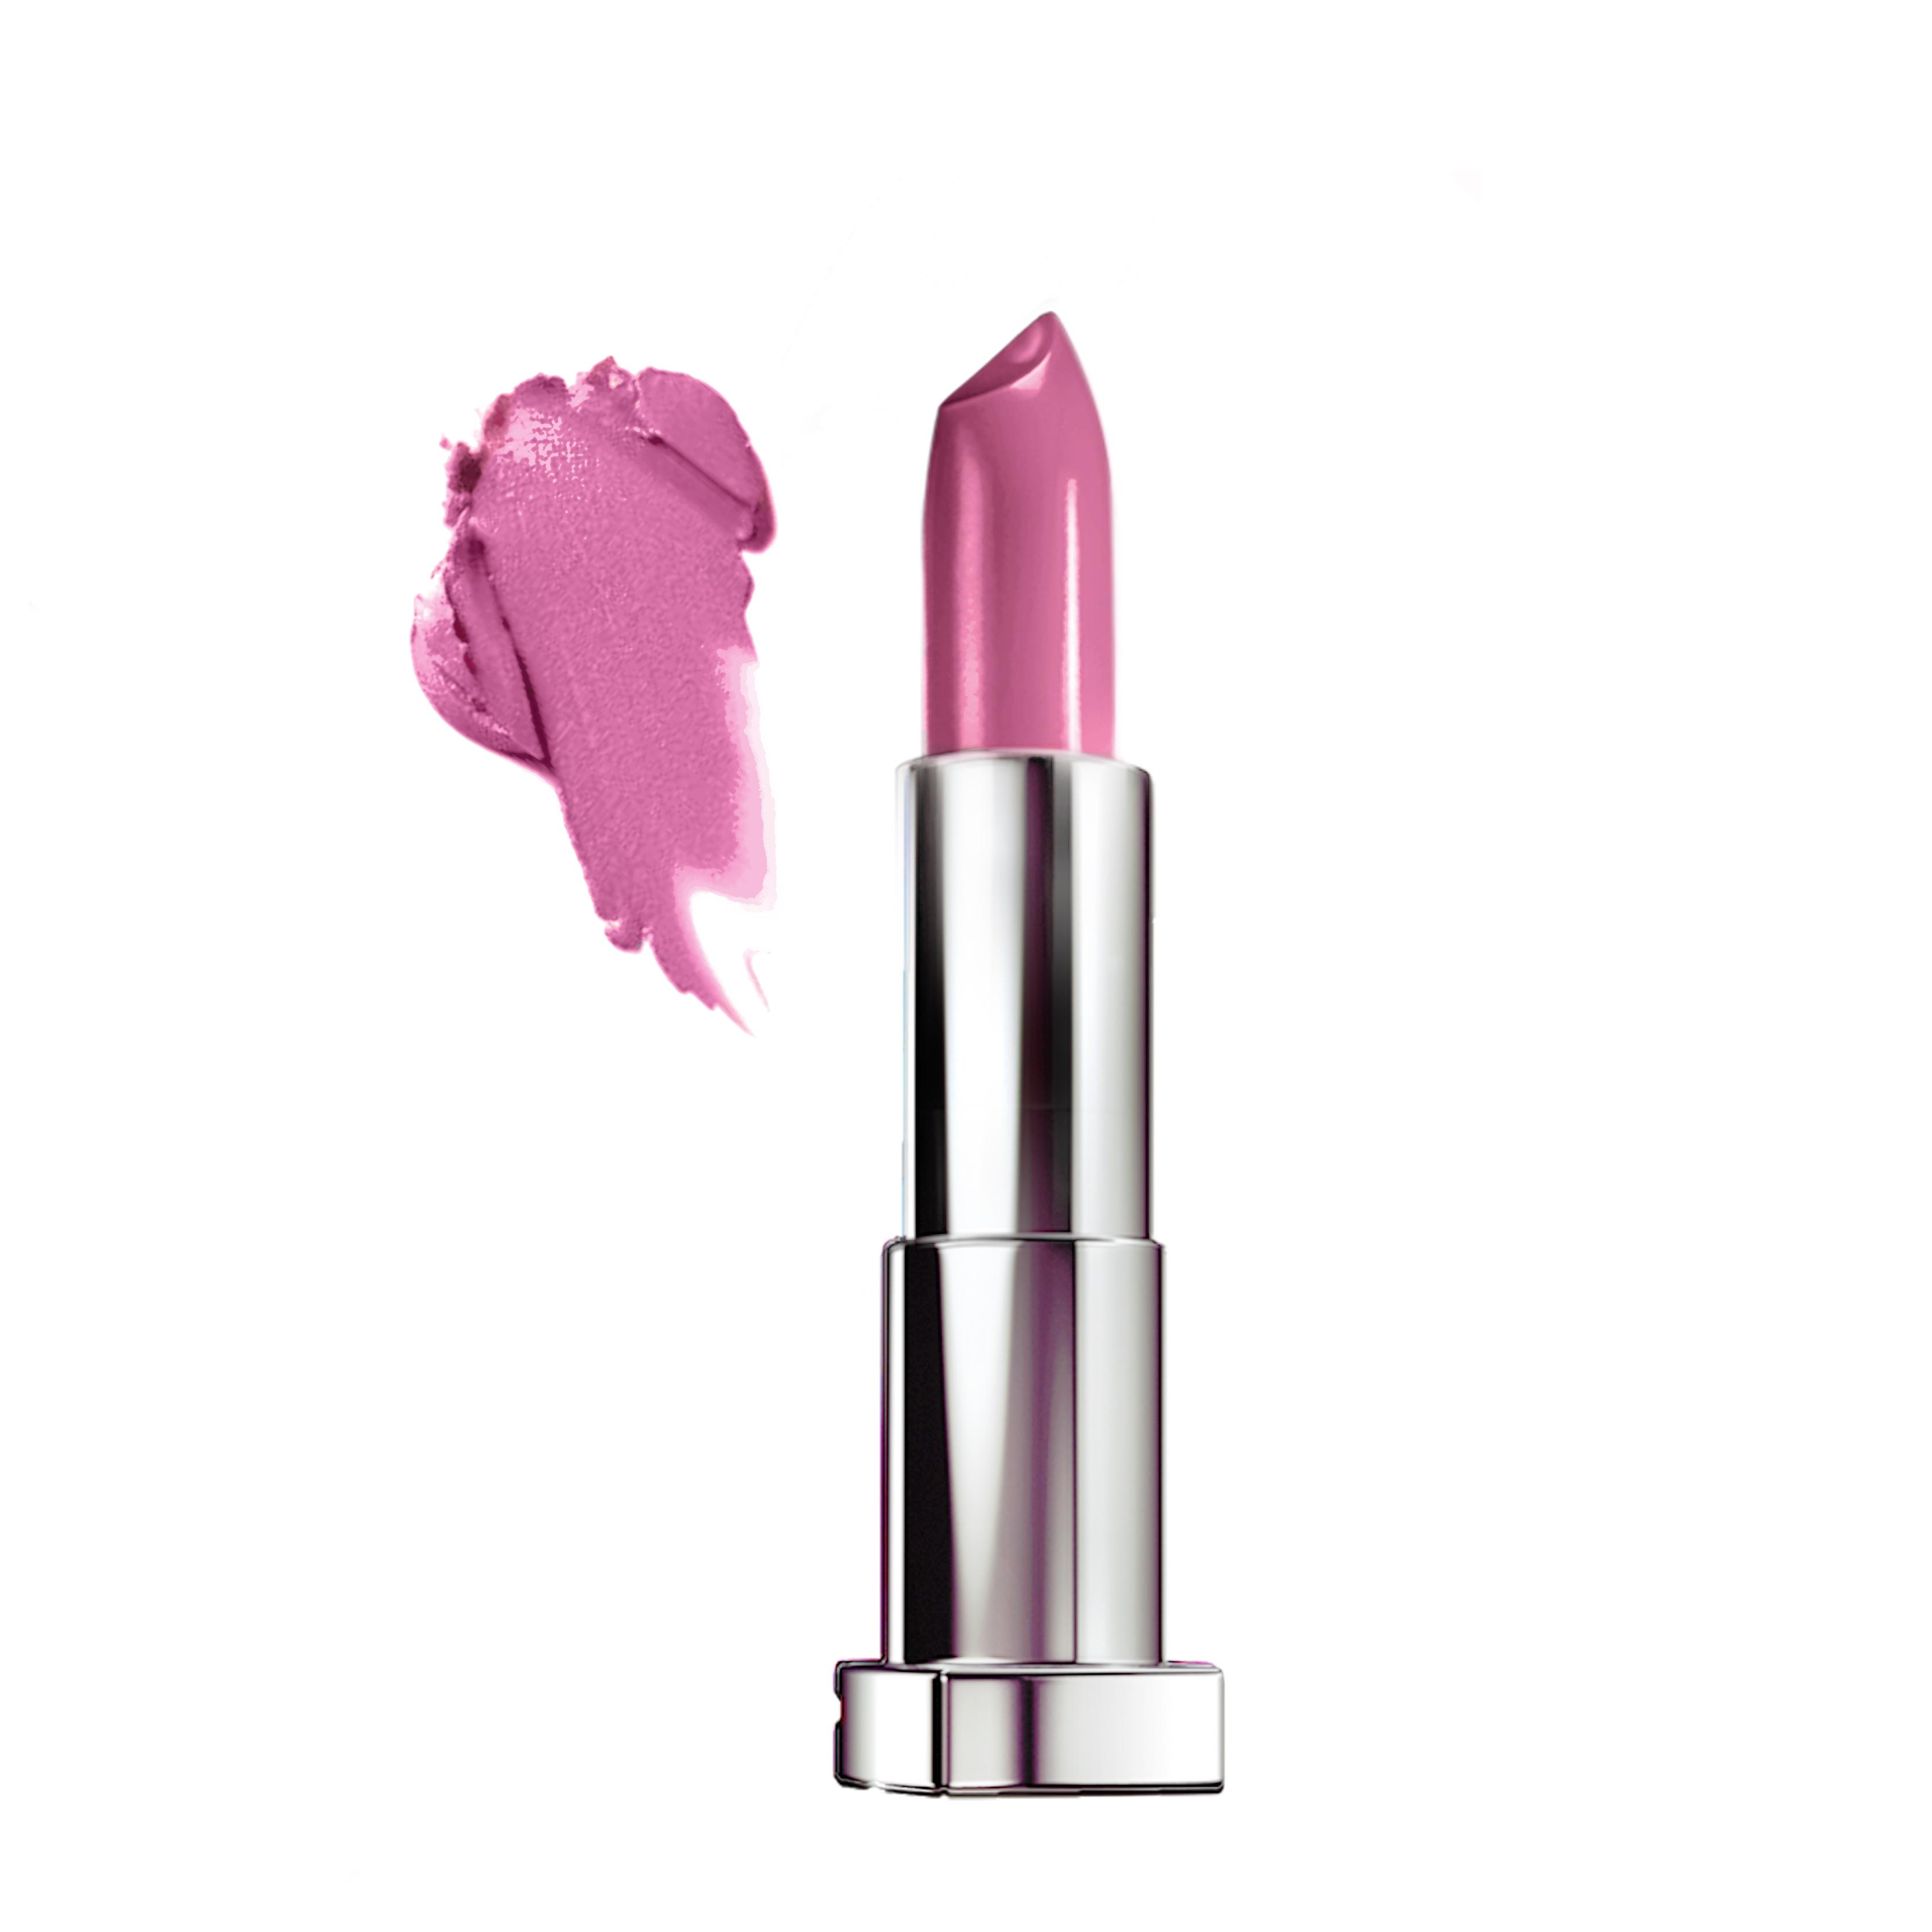 رژ لب میبلین مدل Color Sensational شماره 132- صورتی